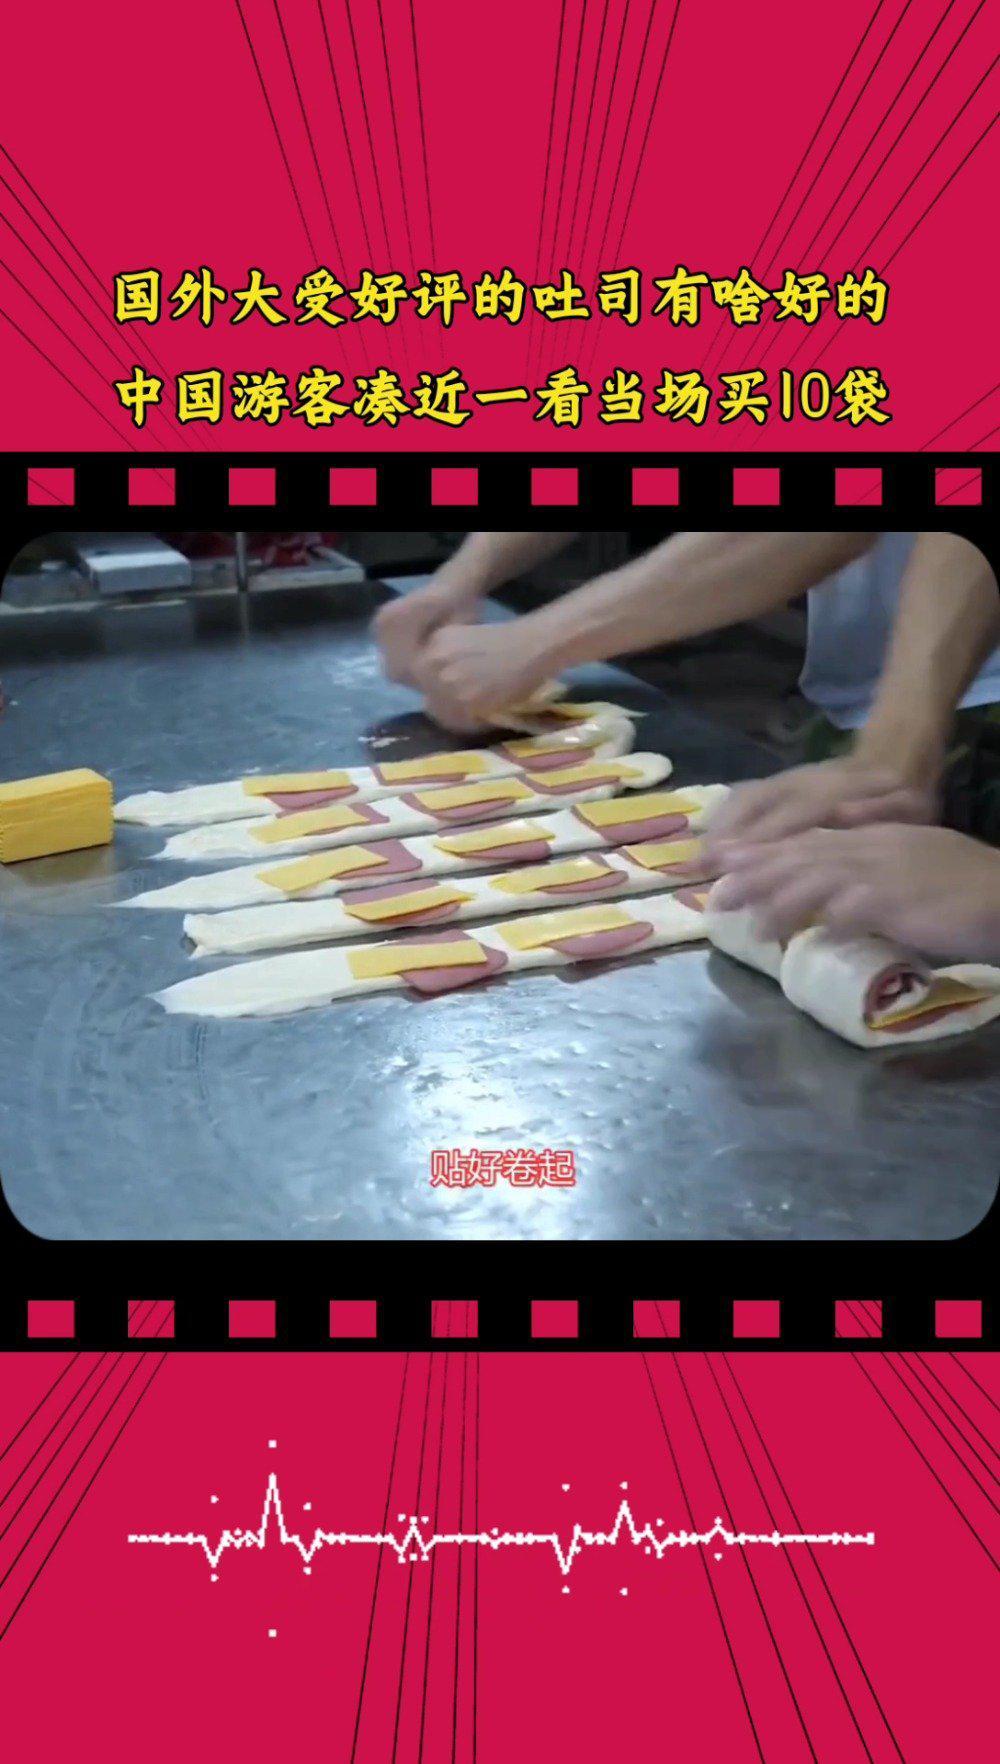 国外大受好评的吐司有啥好的?中国游客凑近一看,当场买10袋!